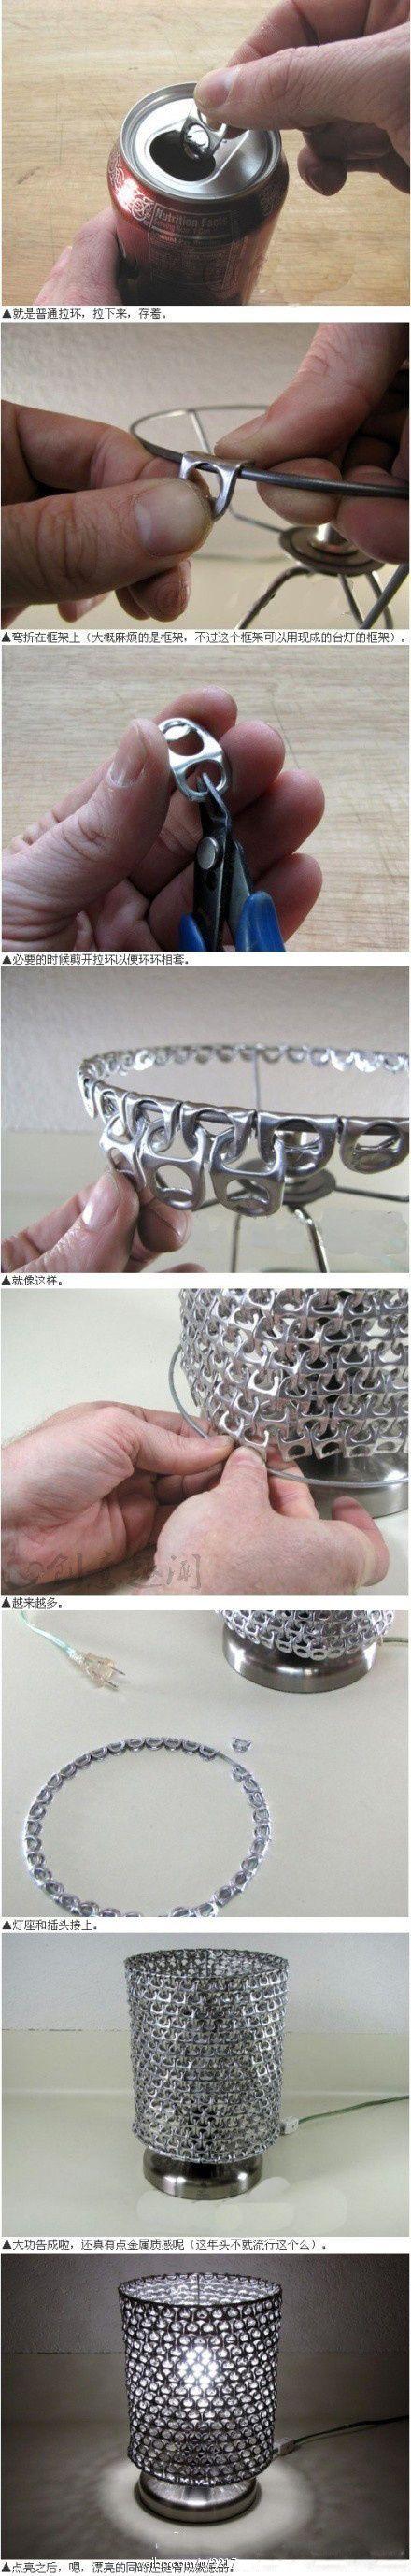 Aluminium Can Ring Lamp: